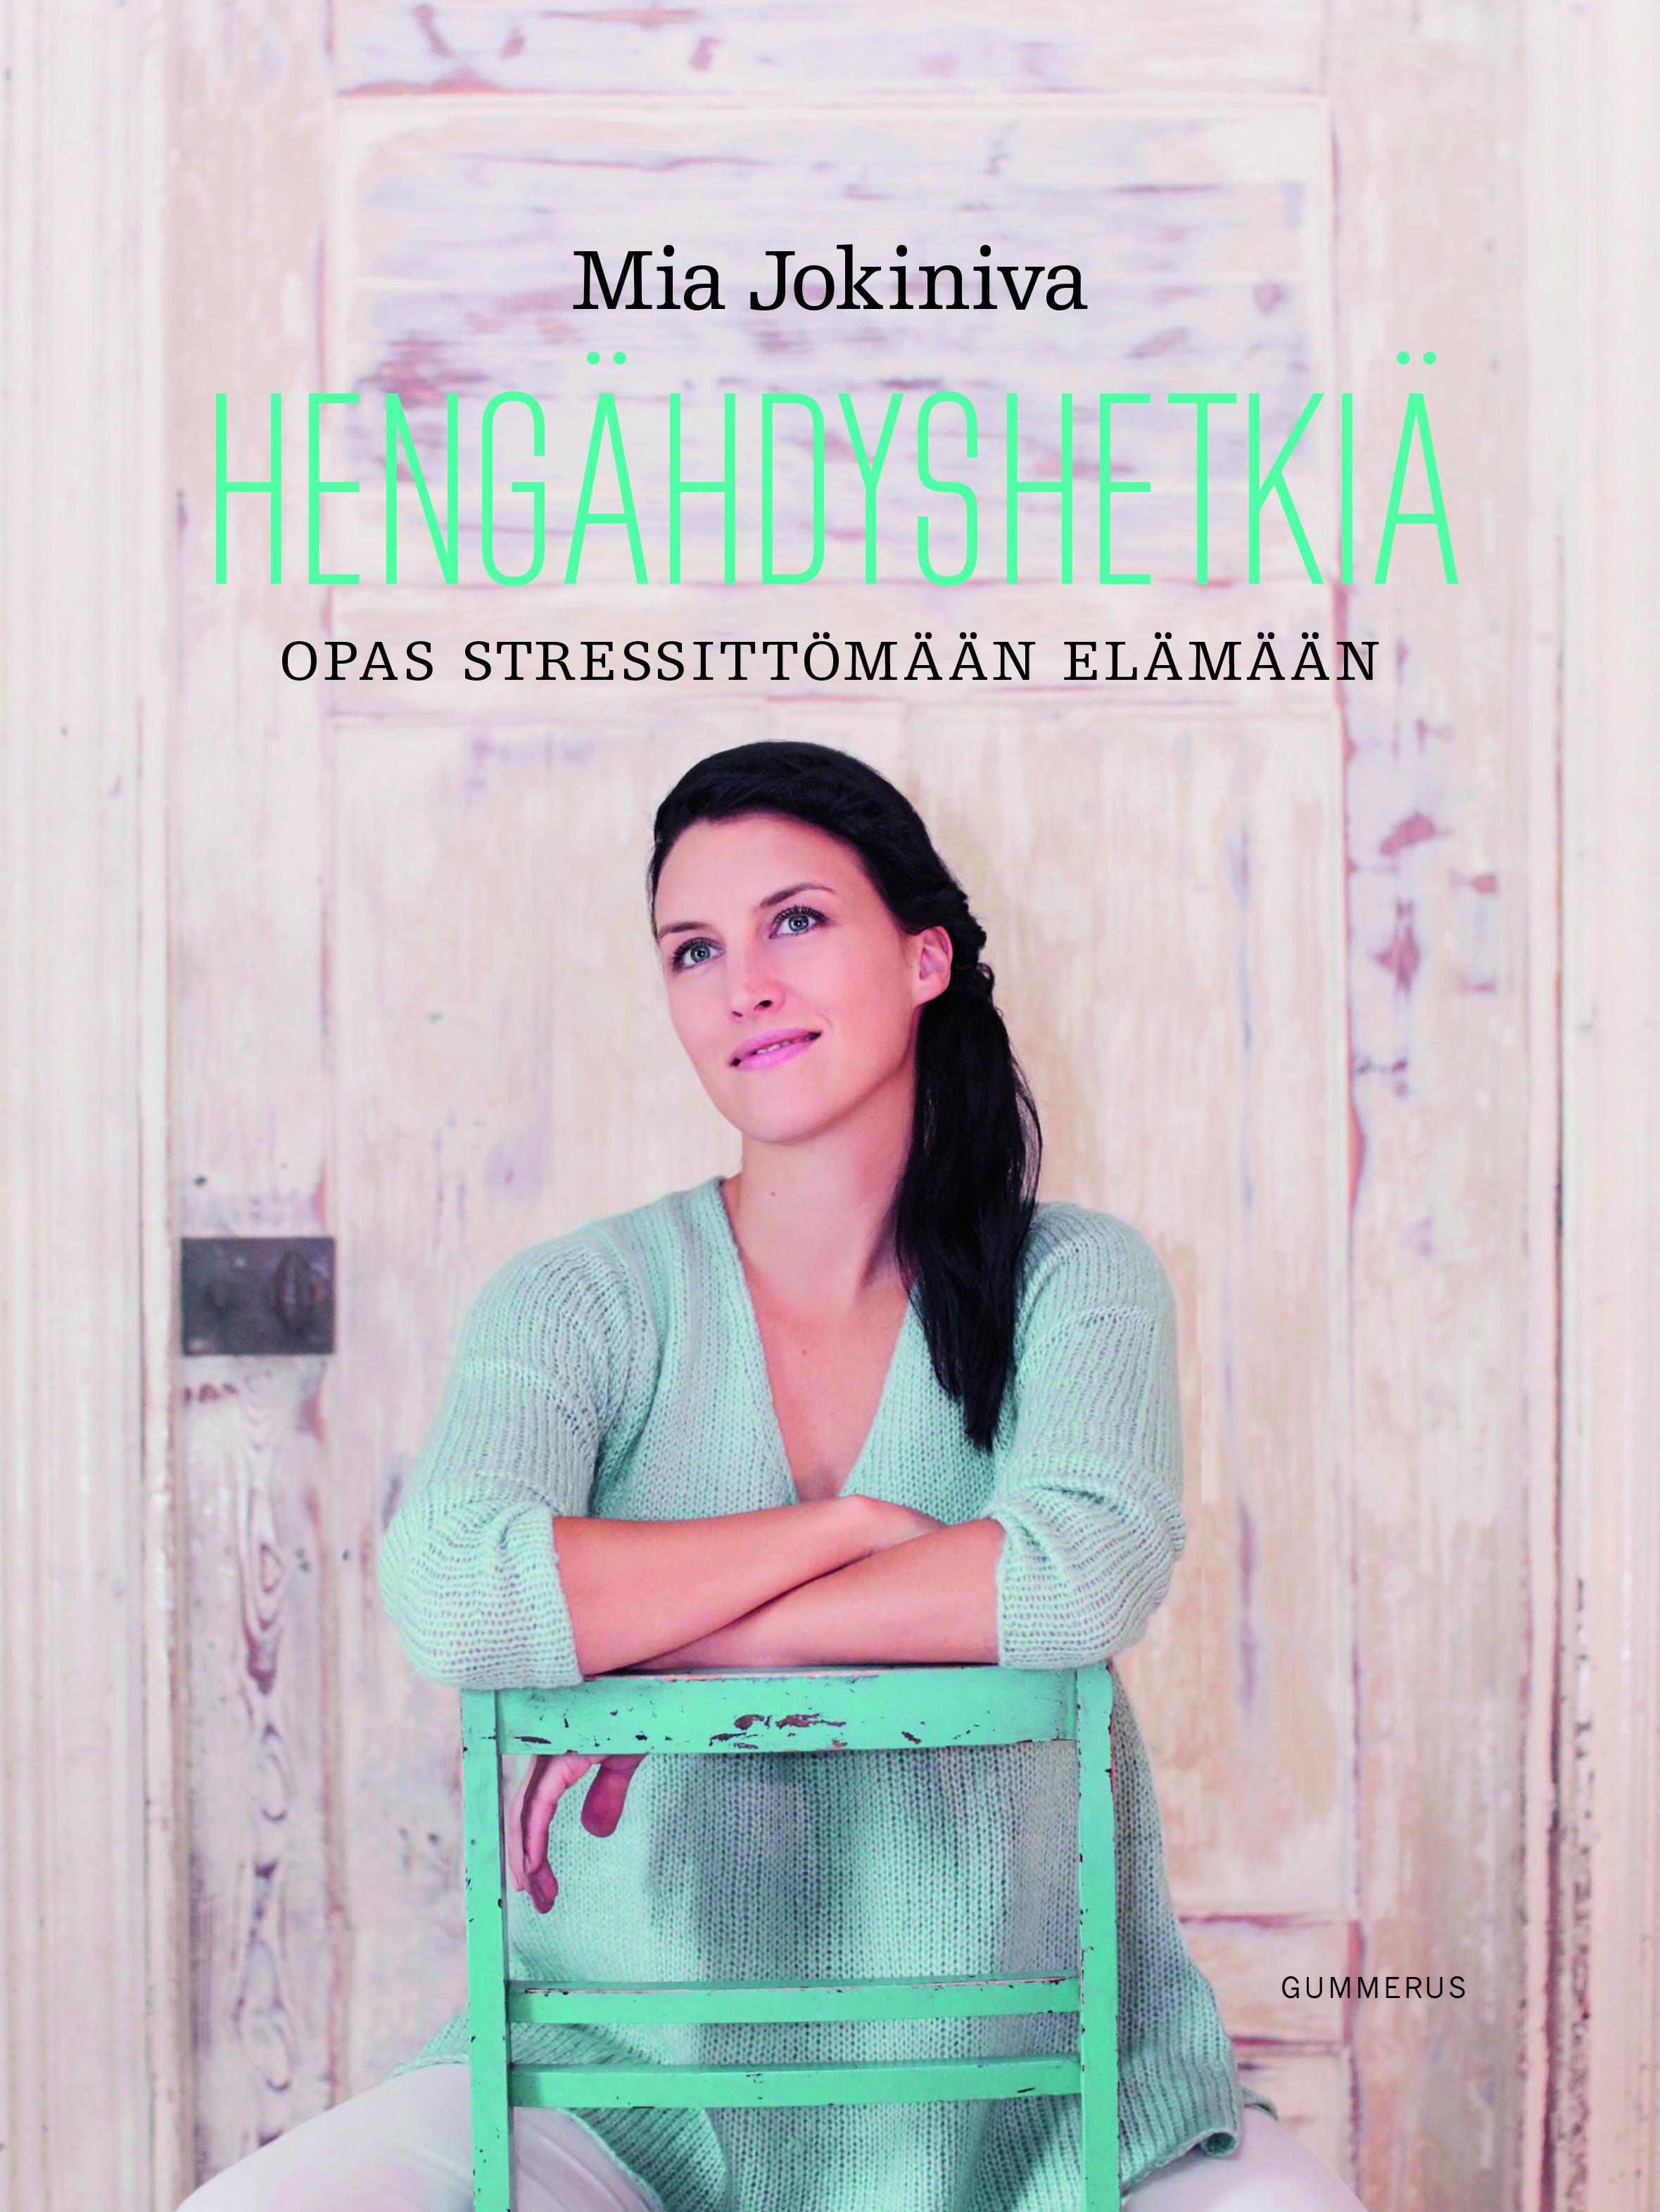 Hengähdyshetkiä (2013/2017)